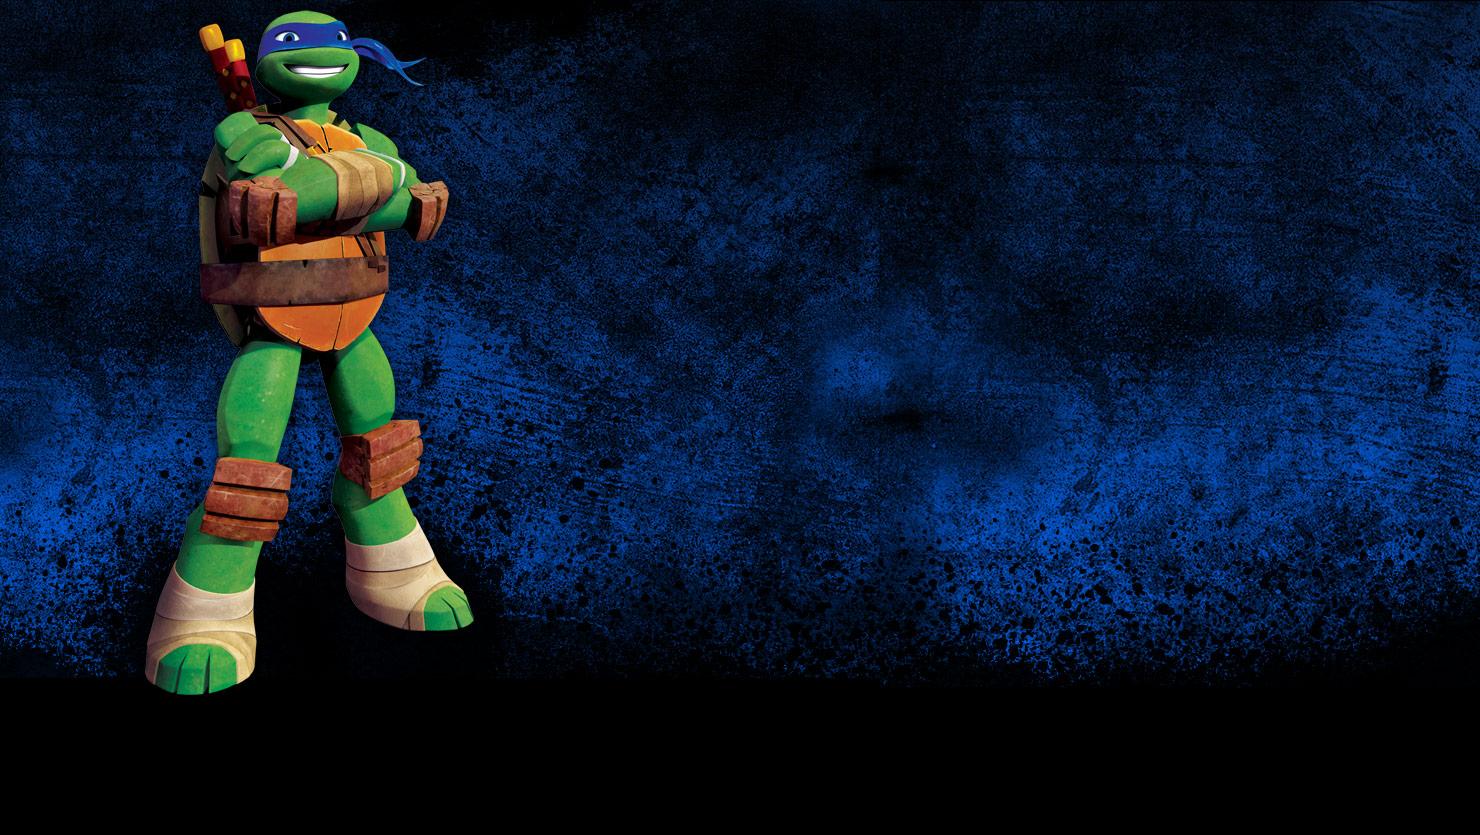 TMNT 2012 Leonardo wallpaper.jpg